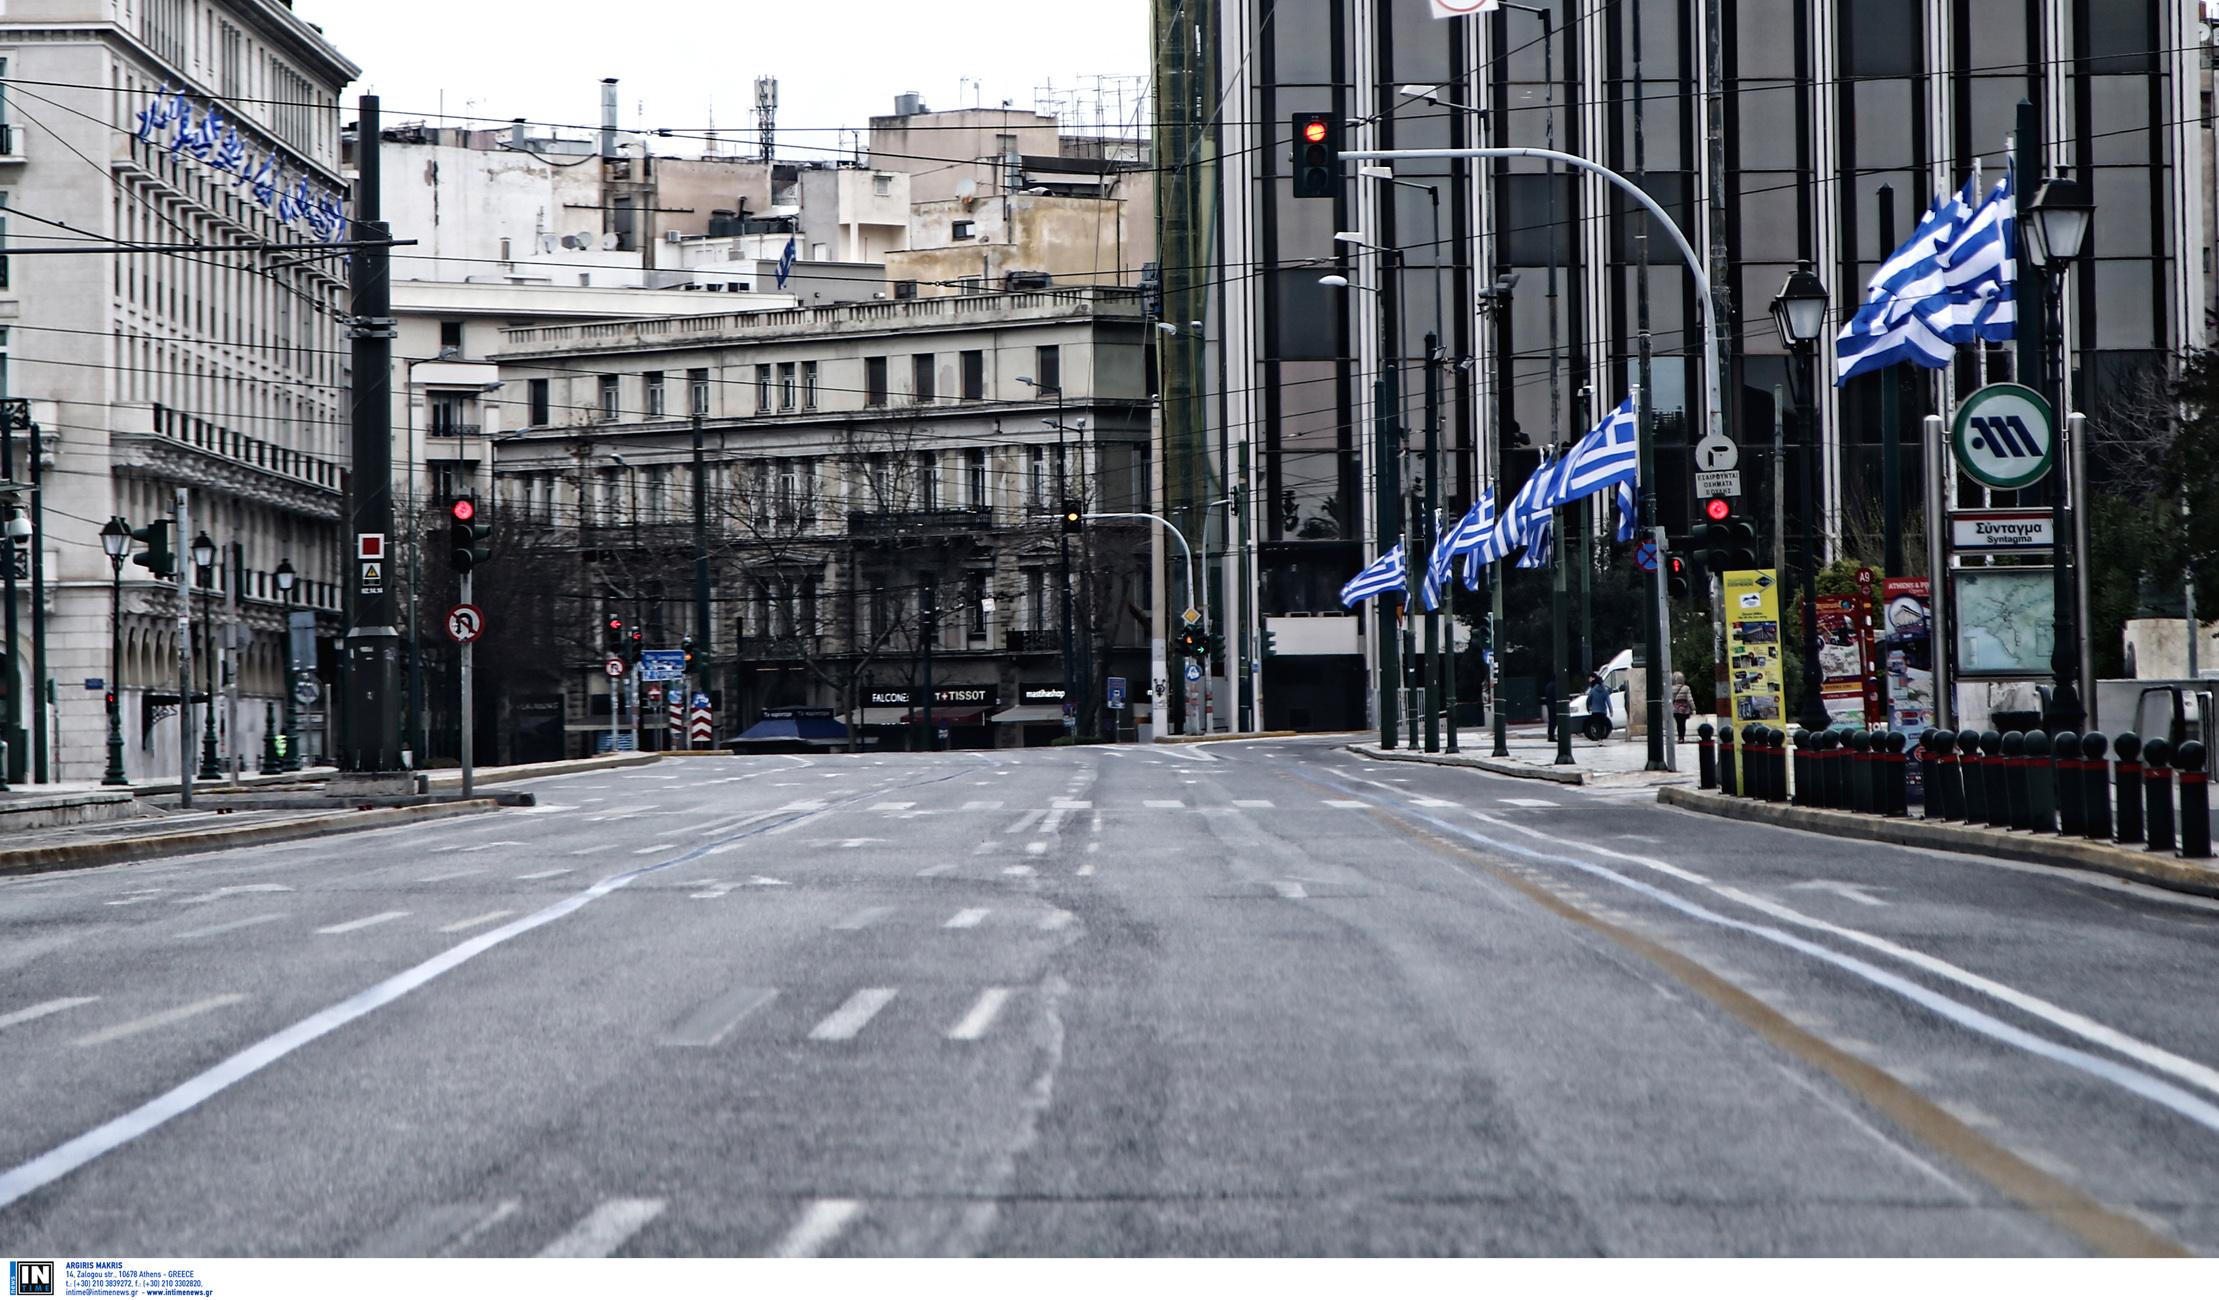 Δημόπουλος: Δε μπορούμε να σκεφτόμαστε χαλάρωση του lockdown (video)